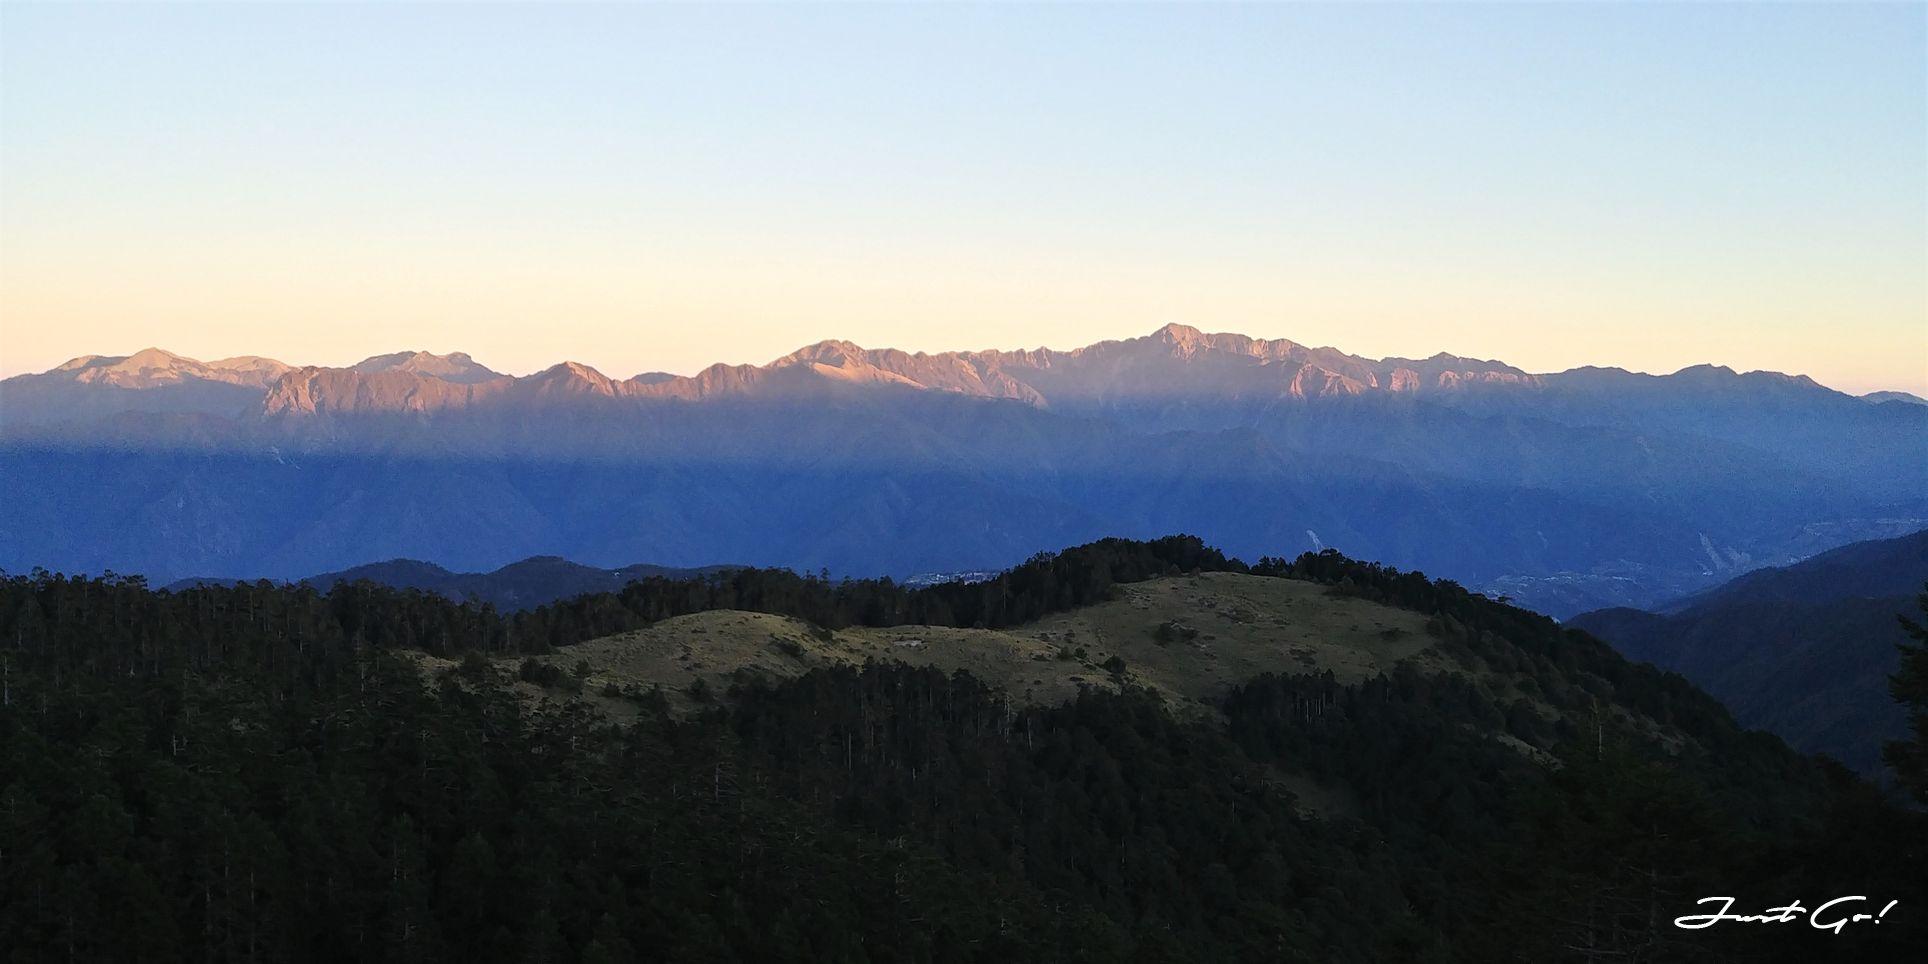 一日百岳·9小時單攻合歡西峰北峰-地圖gpx、行程規劃、申請、登山口4